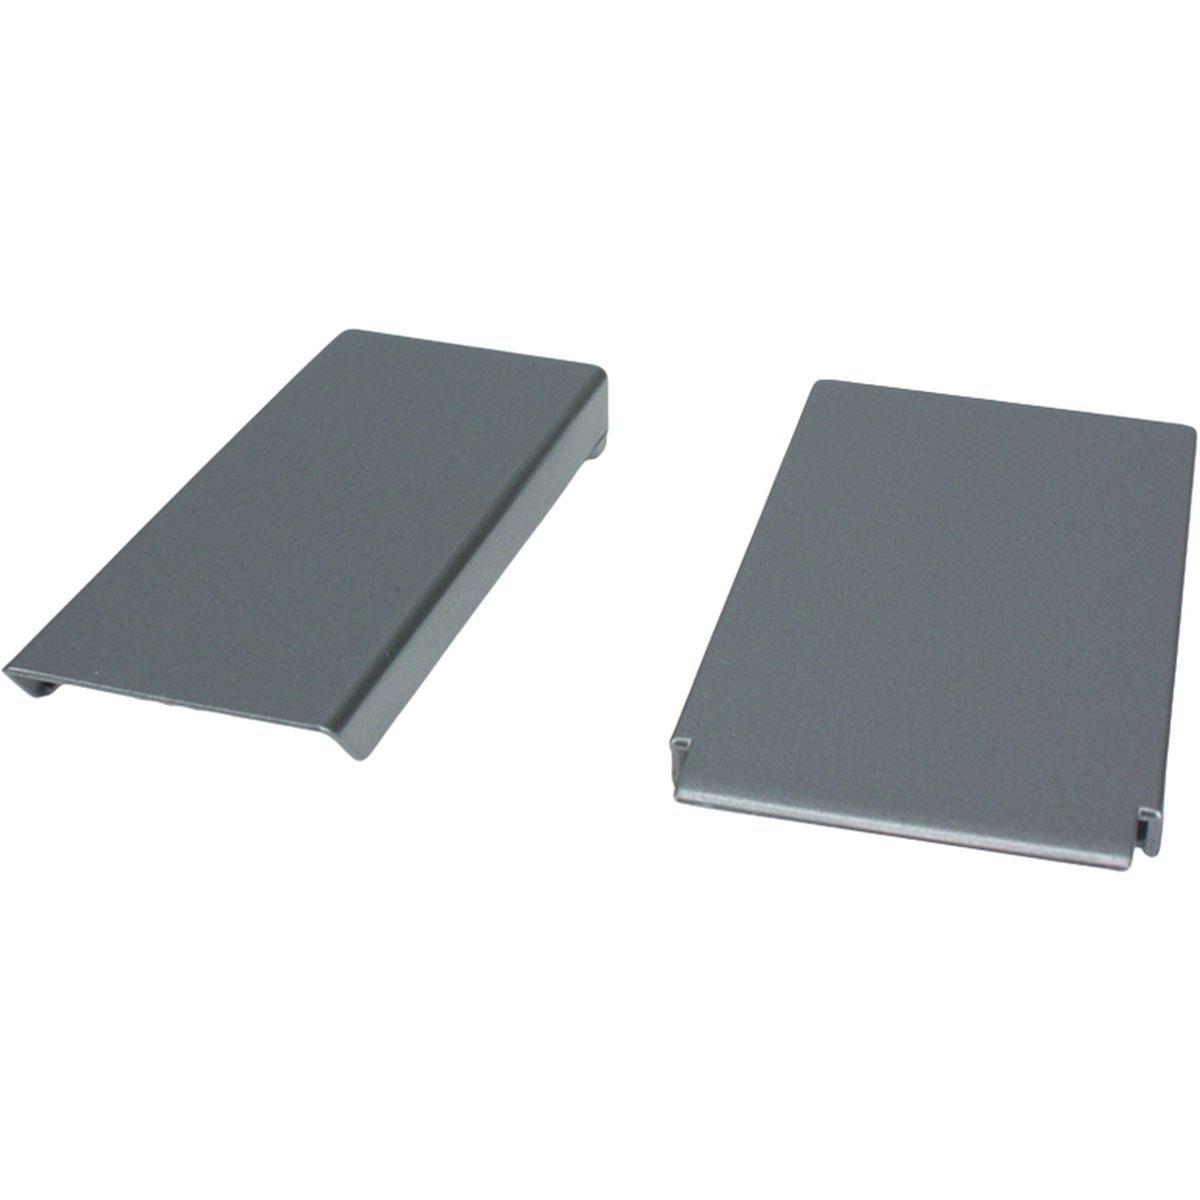 Afdækningsplade til dørgreb sølvgrå smal/bred